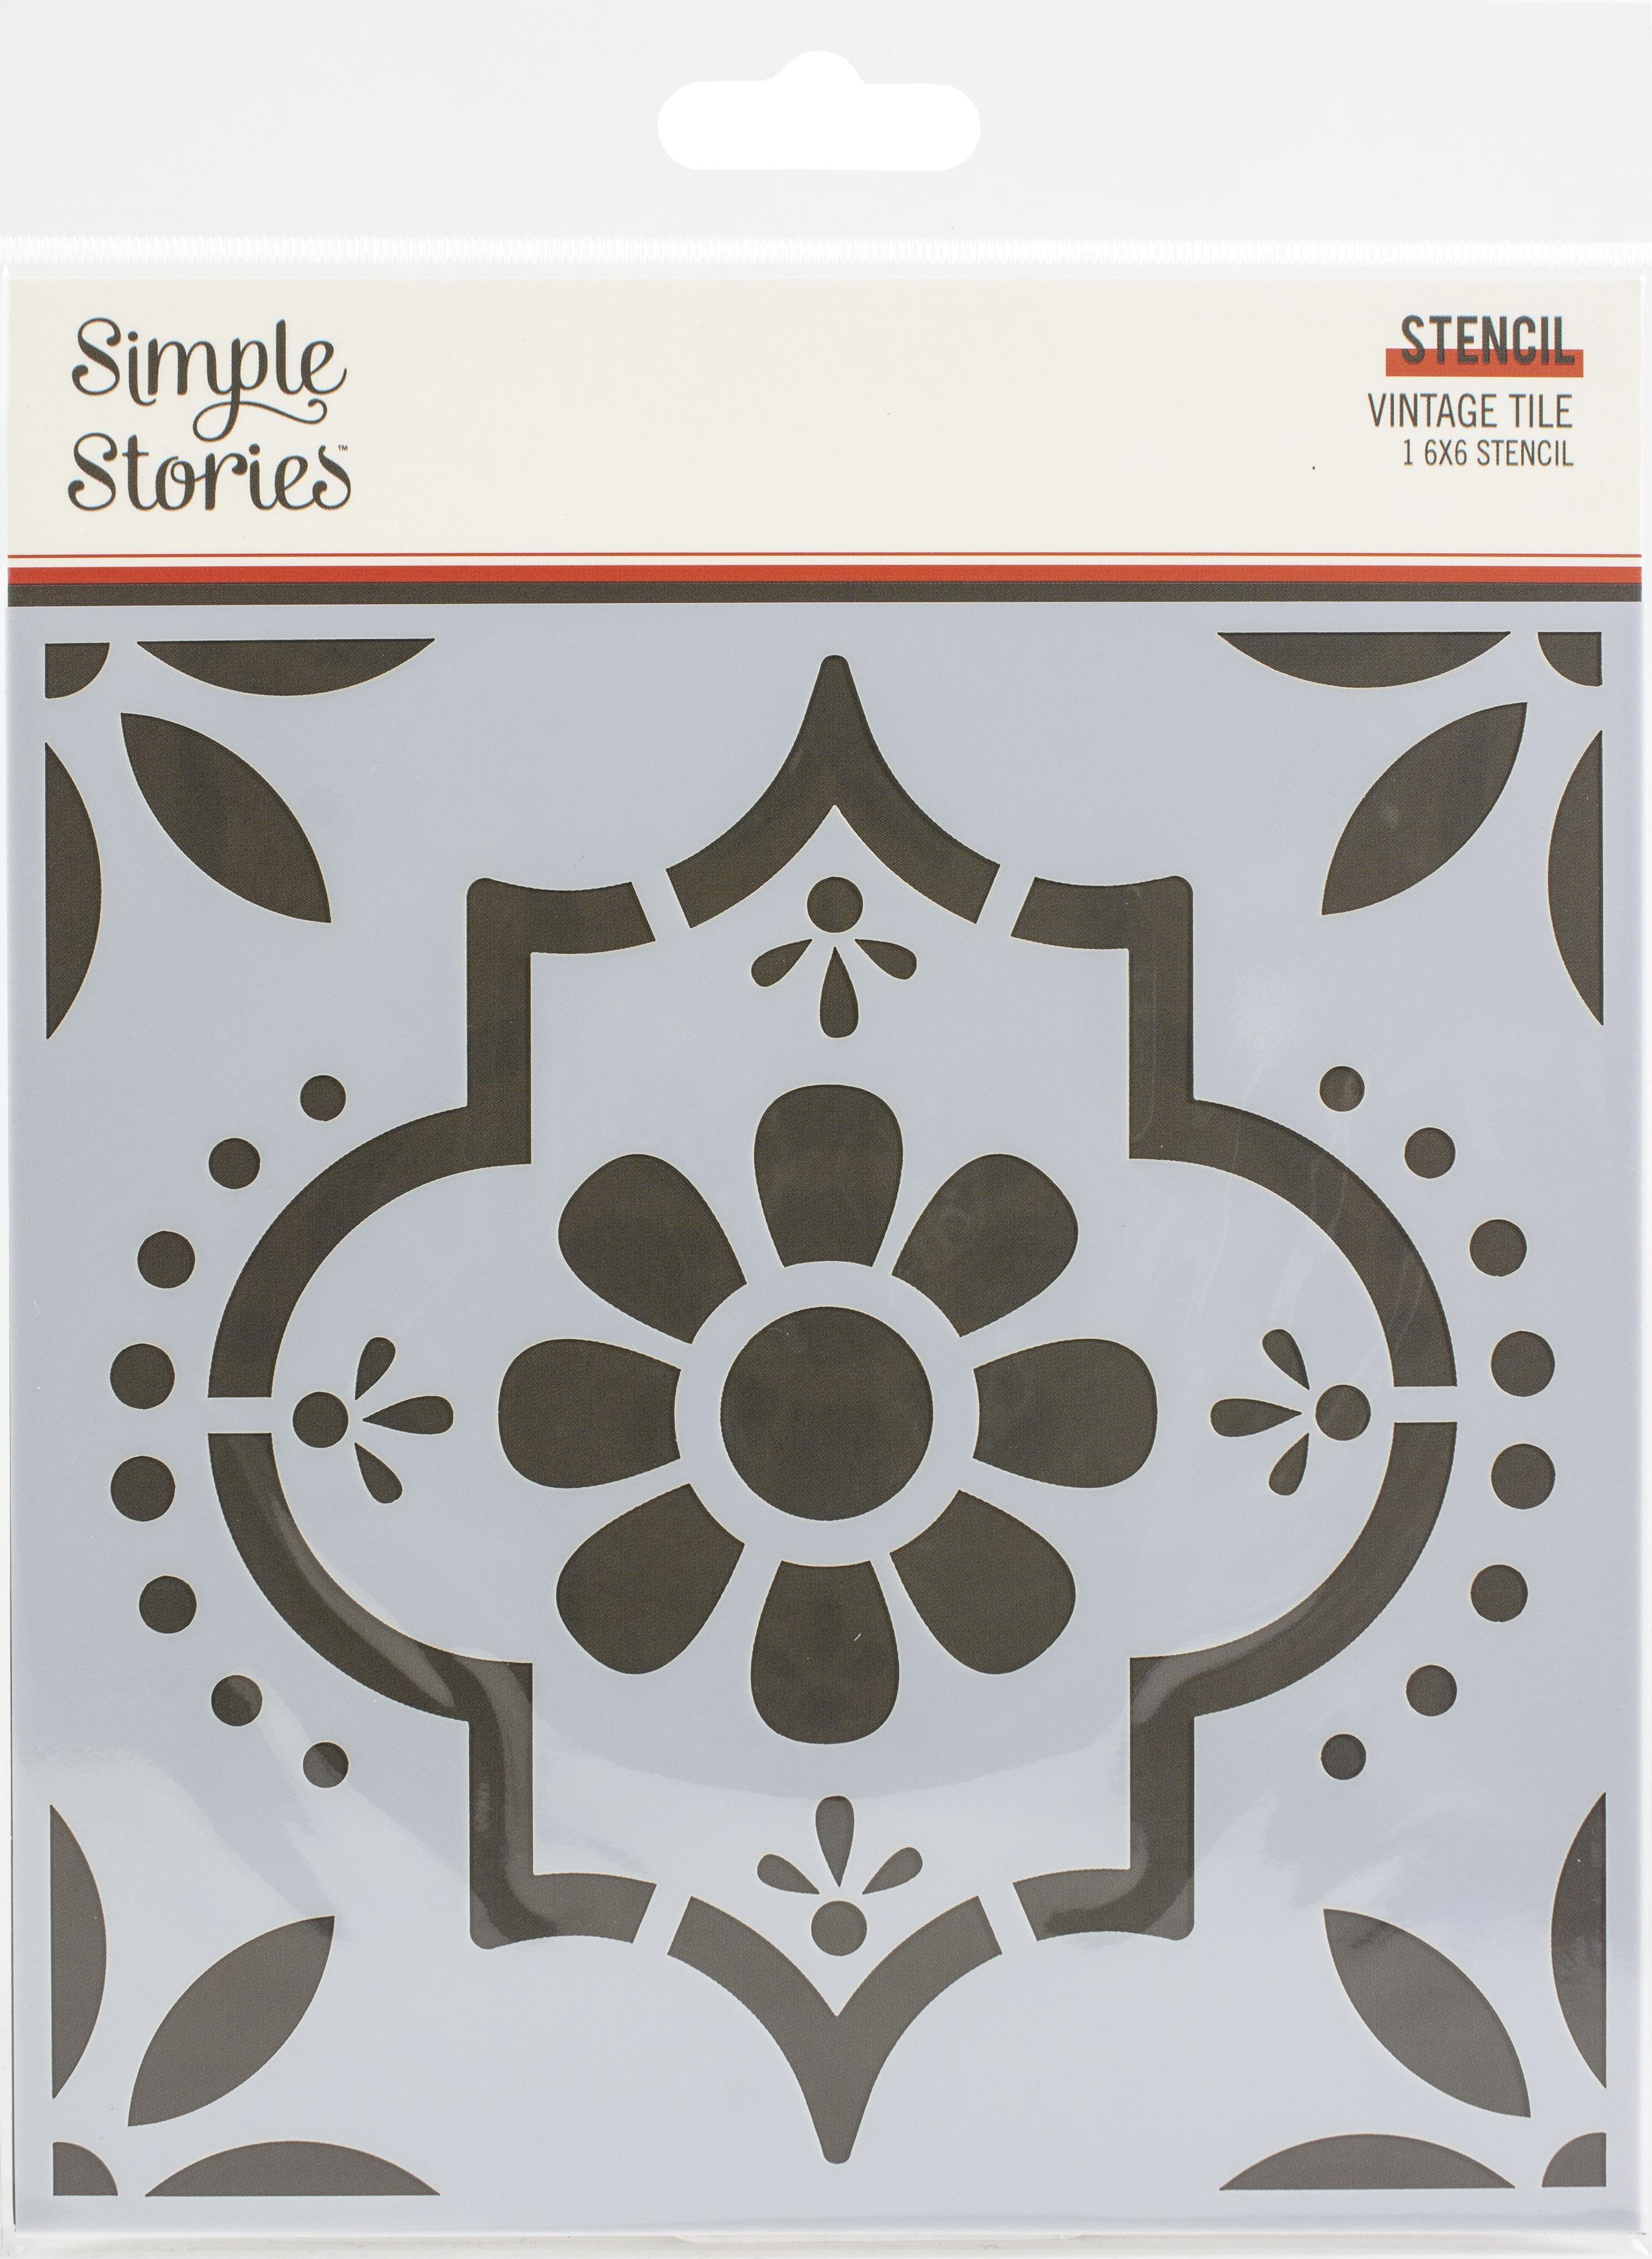 Simple Stories Apron Strings Stencil 6X6-Vintage Tile